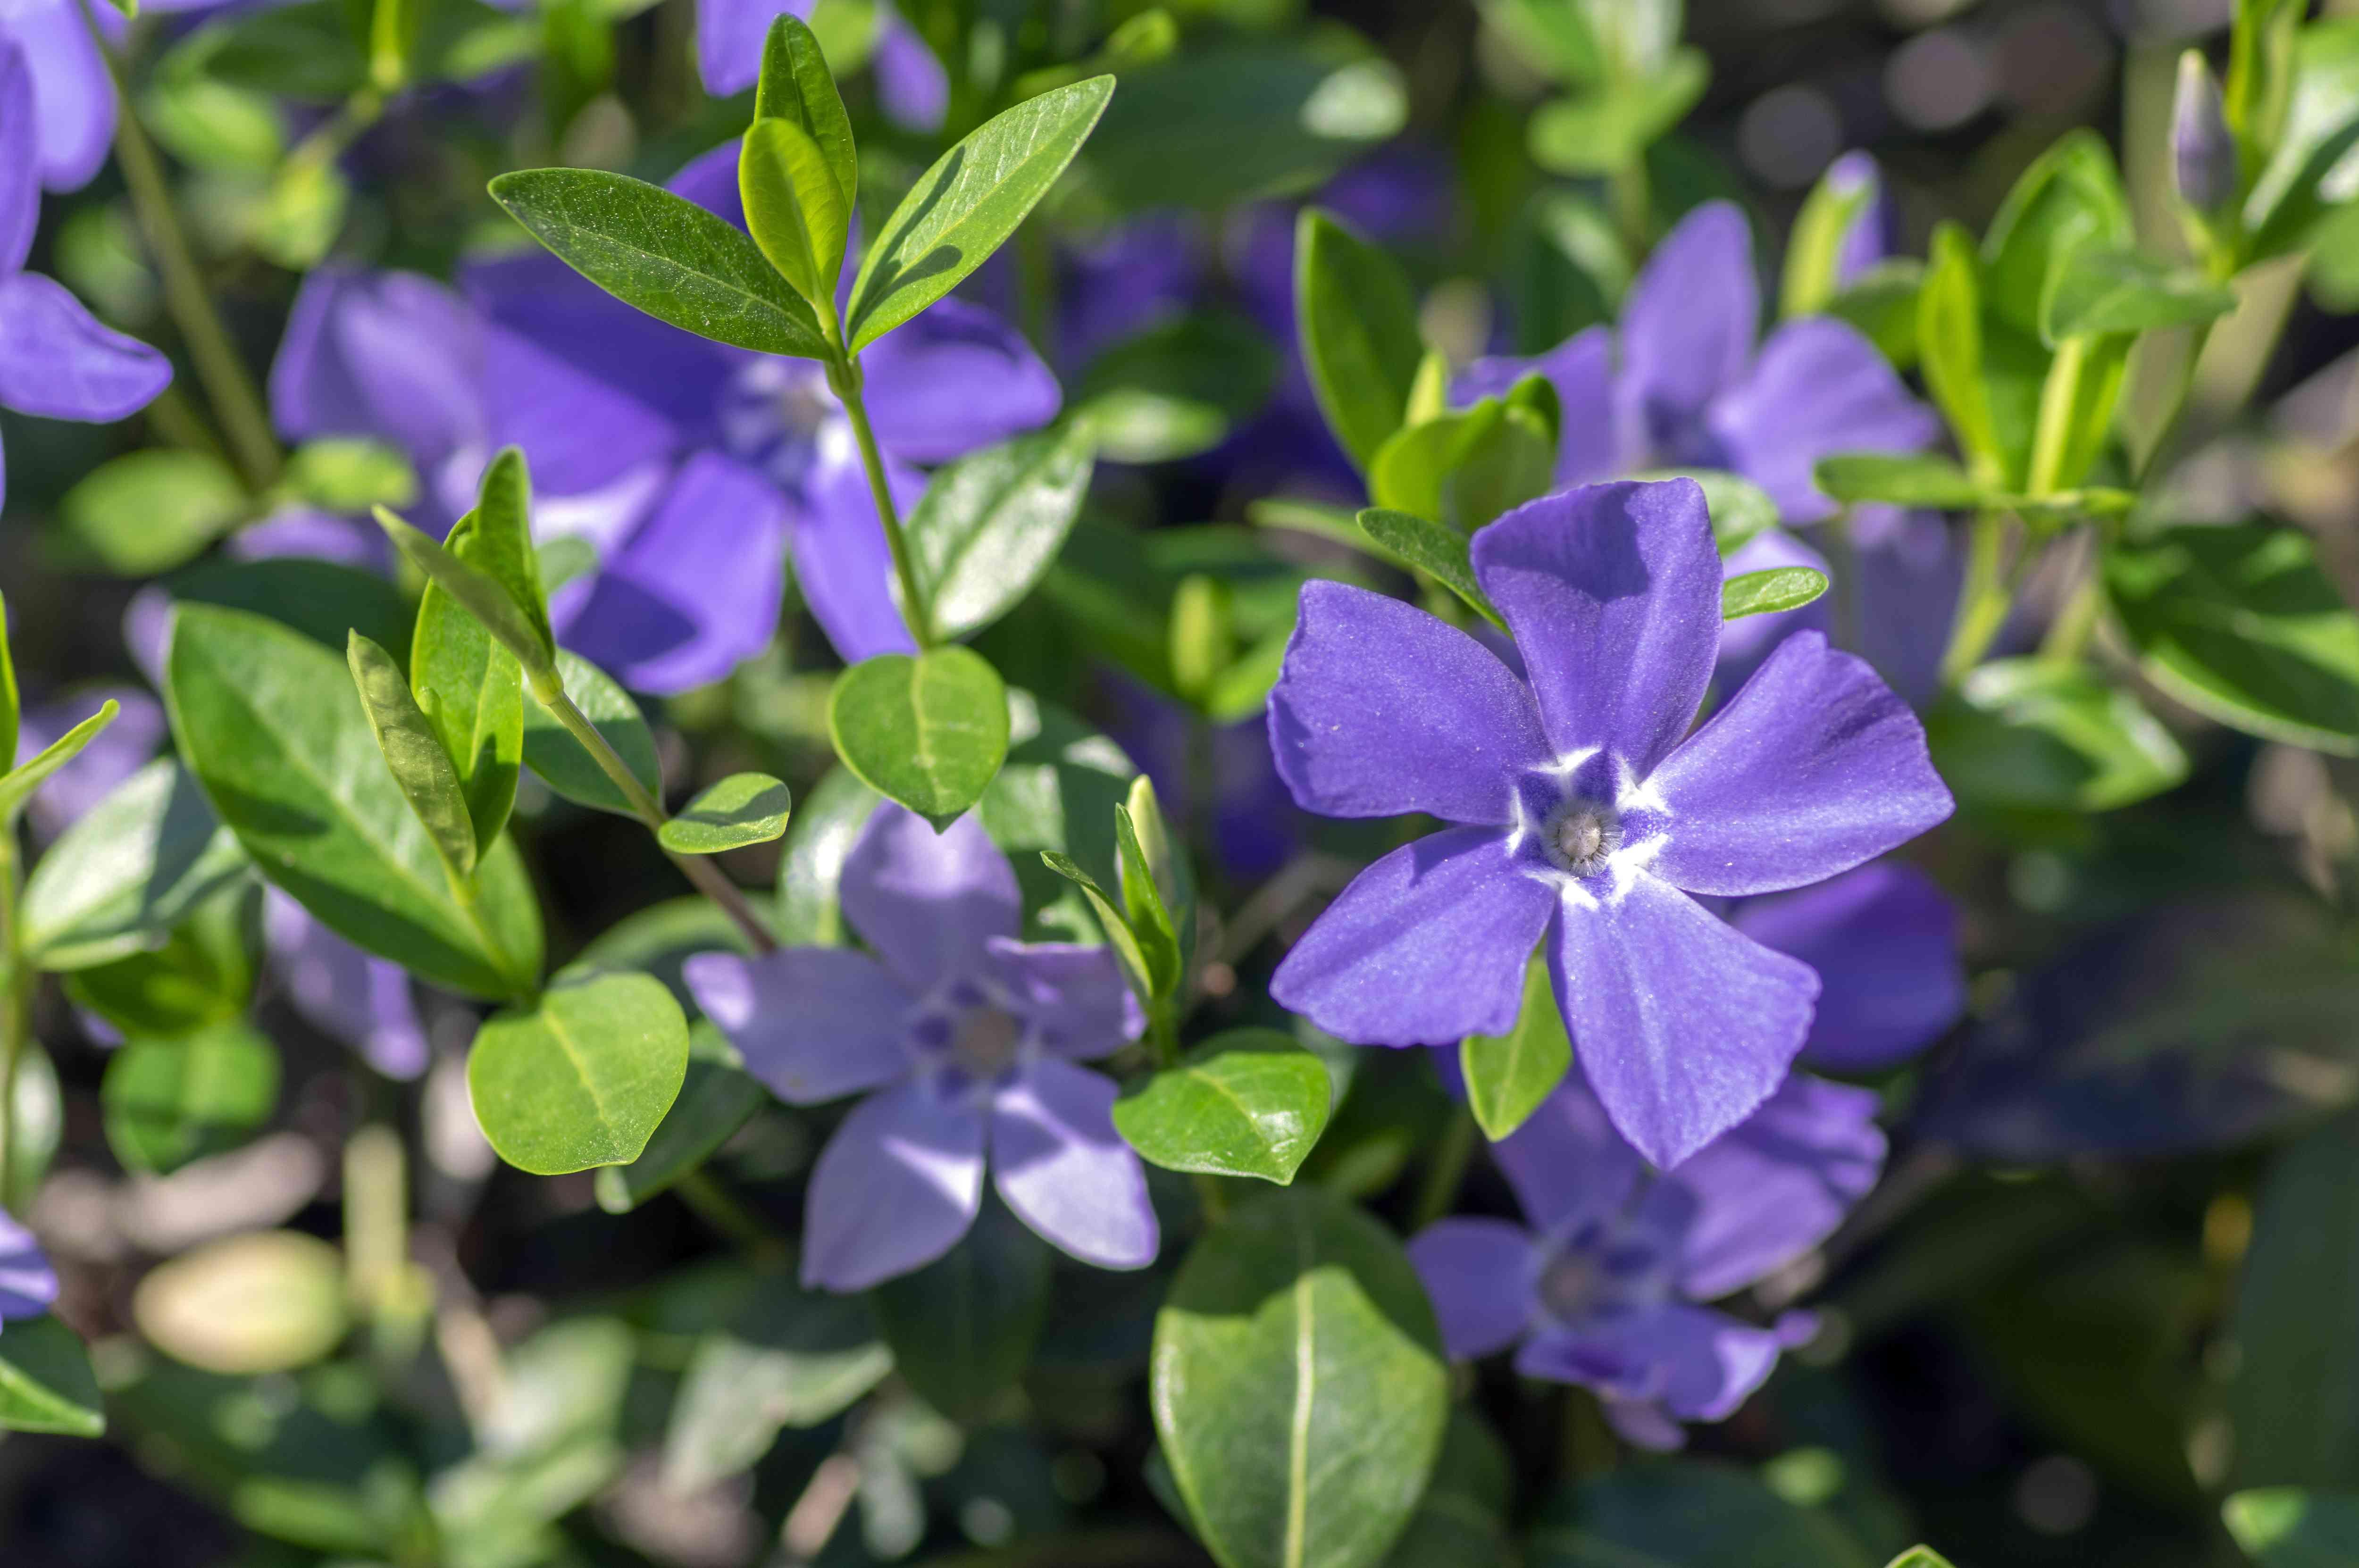 Flores ornamentales de vinca menor Vinca minor en flor, planta floreciente de bígaro común, flores trepadoras